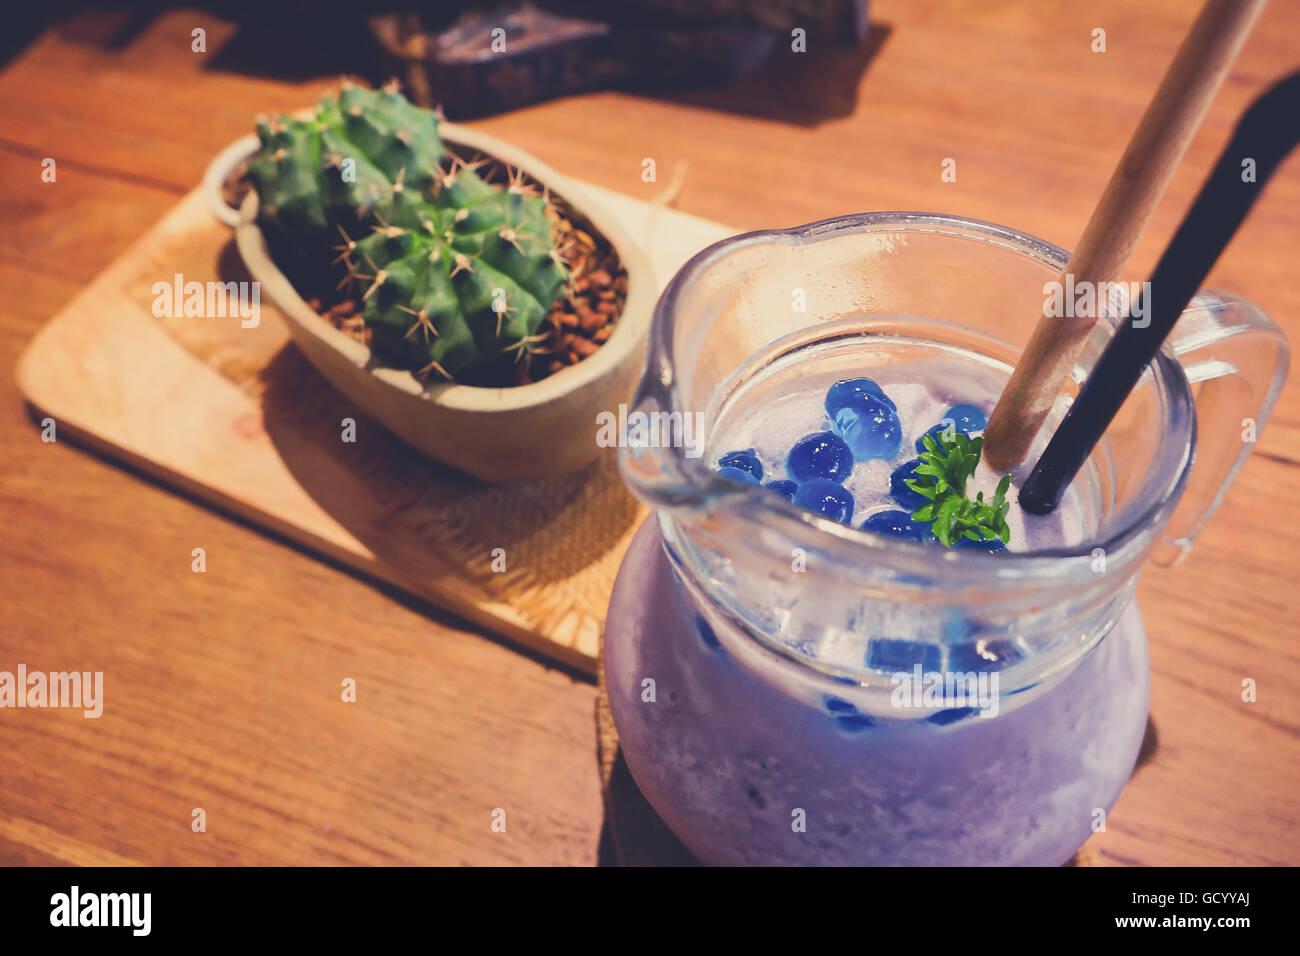 Heidelbeer-Smoothie mit Minze im Einmachglas Becher mit Strohhalm und Kaktus. Über Ansicht auf Holz. Stockfoto